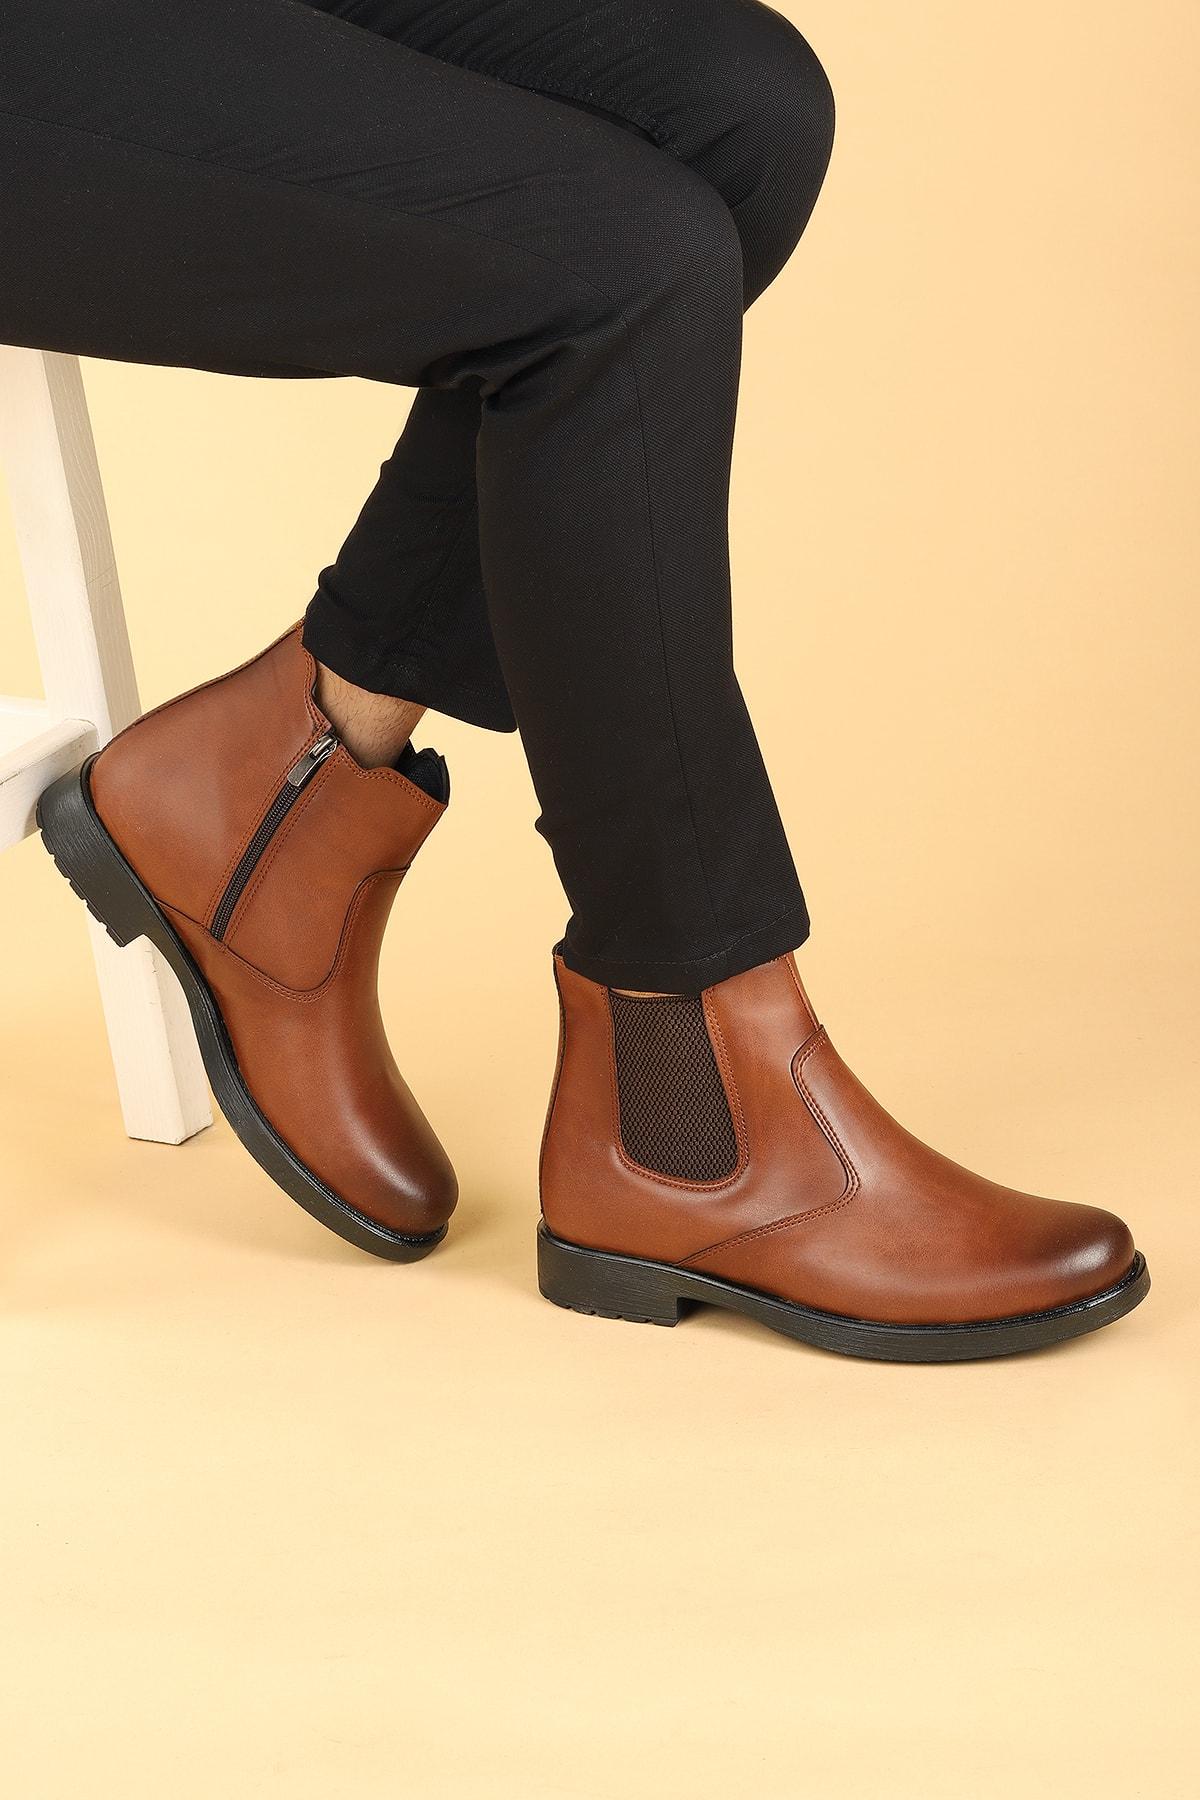 Ayakland Erkek Taba Termo Taban İçi Kürk Görünümlü Fermuarlı Bot Ayakkabı 650 1